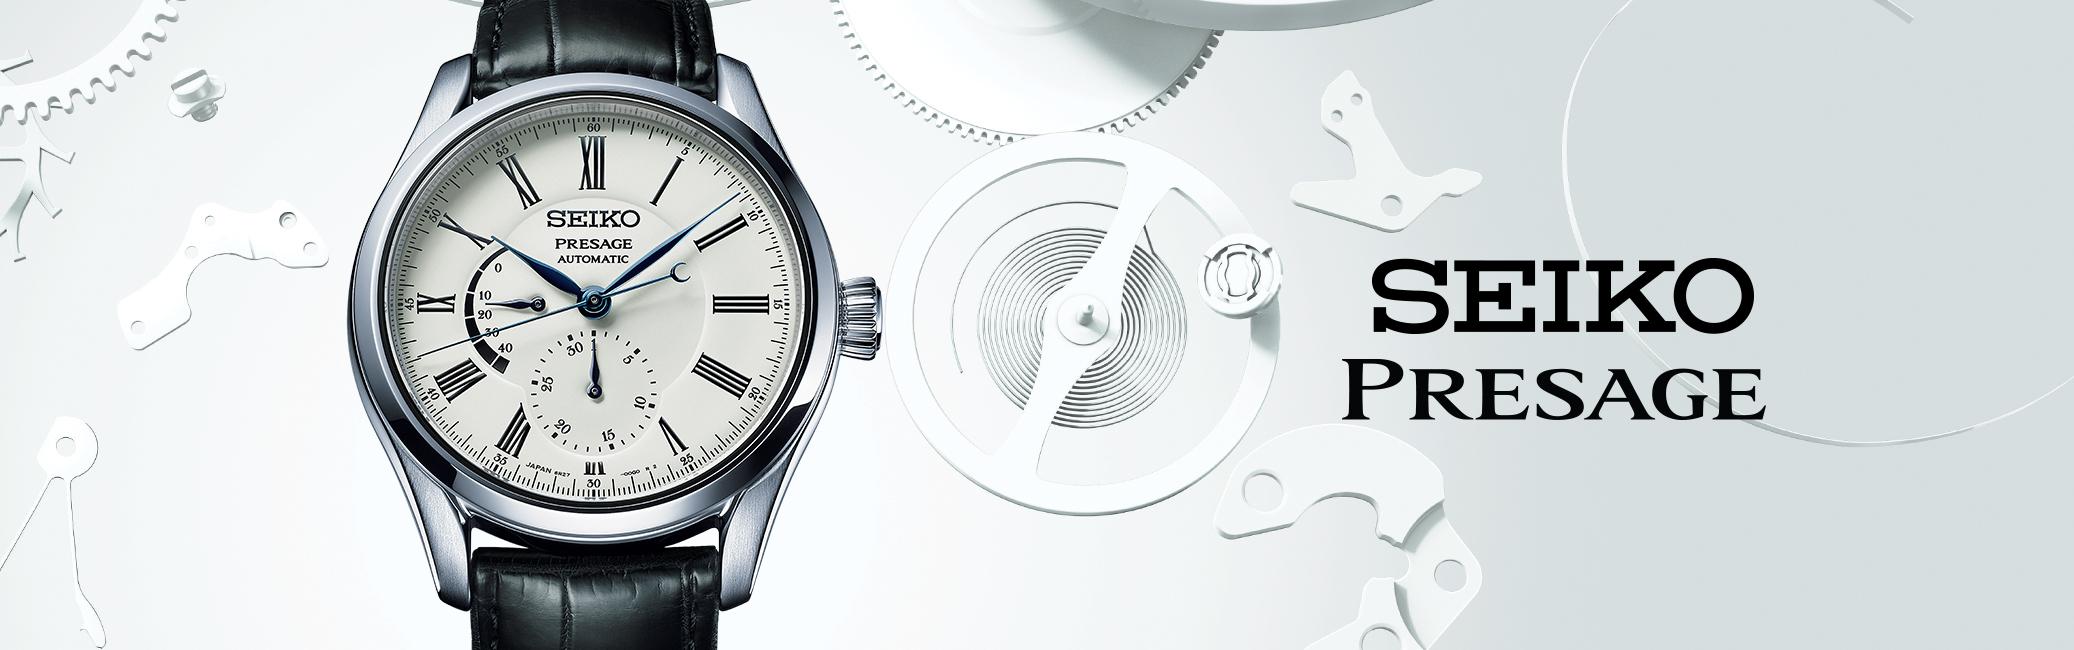 Seiko-presage-horloge kopen ruime keuze bij Wolters Juweliers